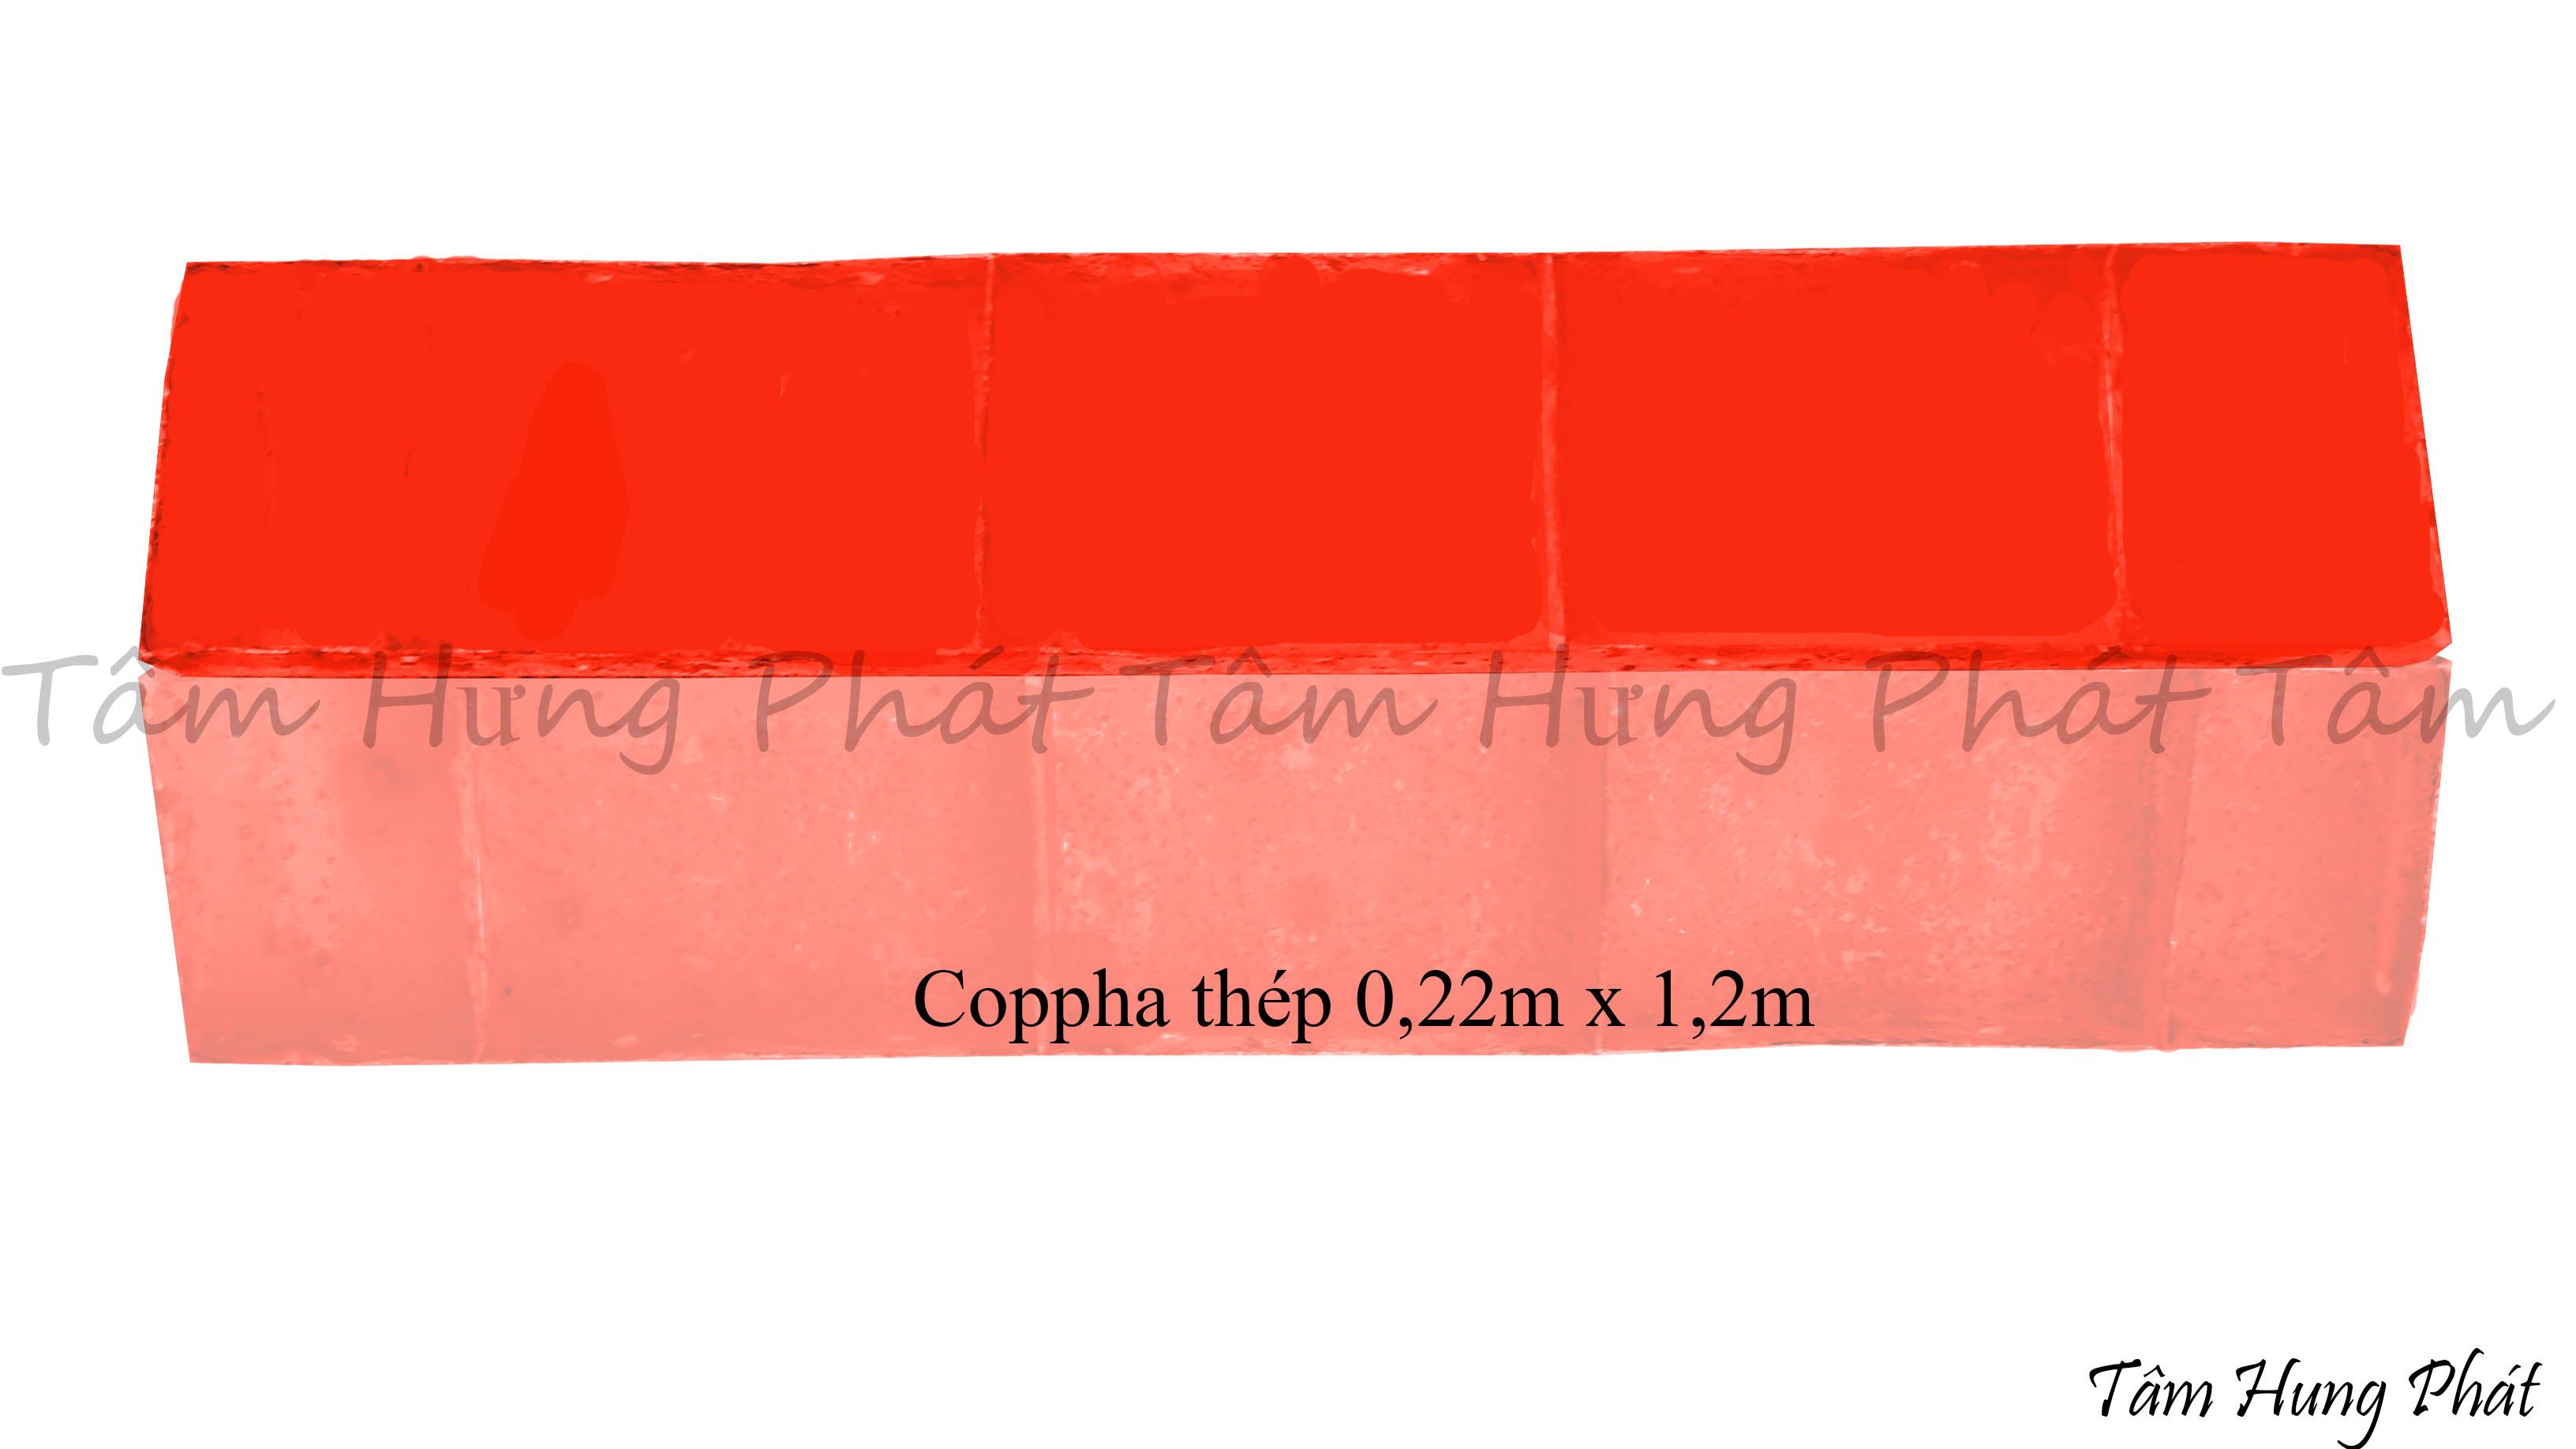 coppha thép 0.22 x 1.2m